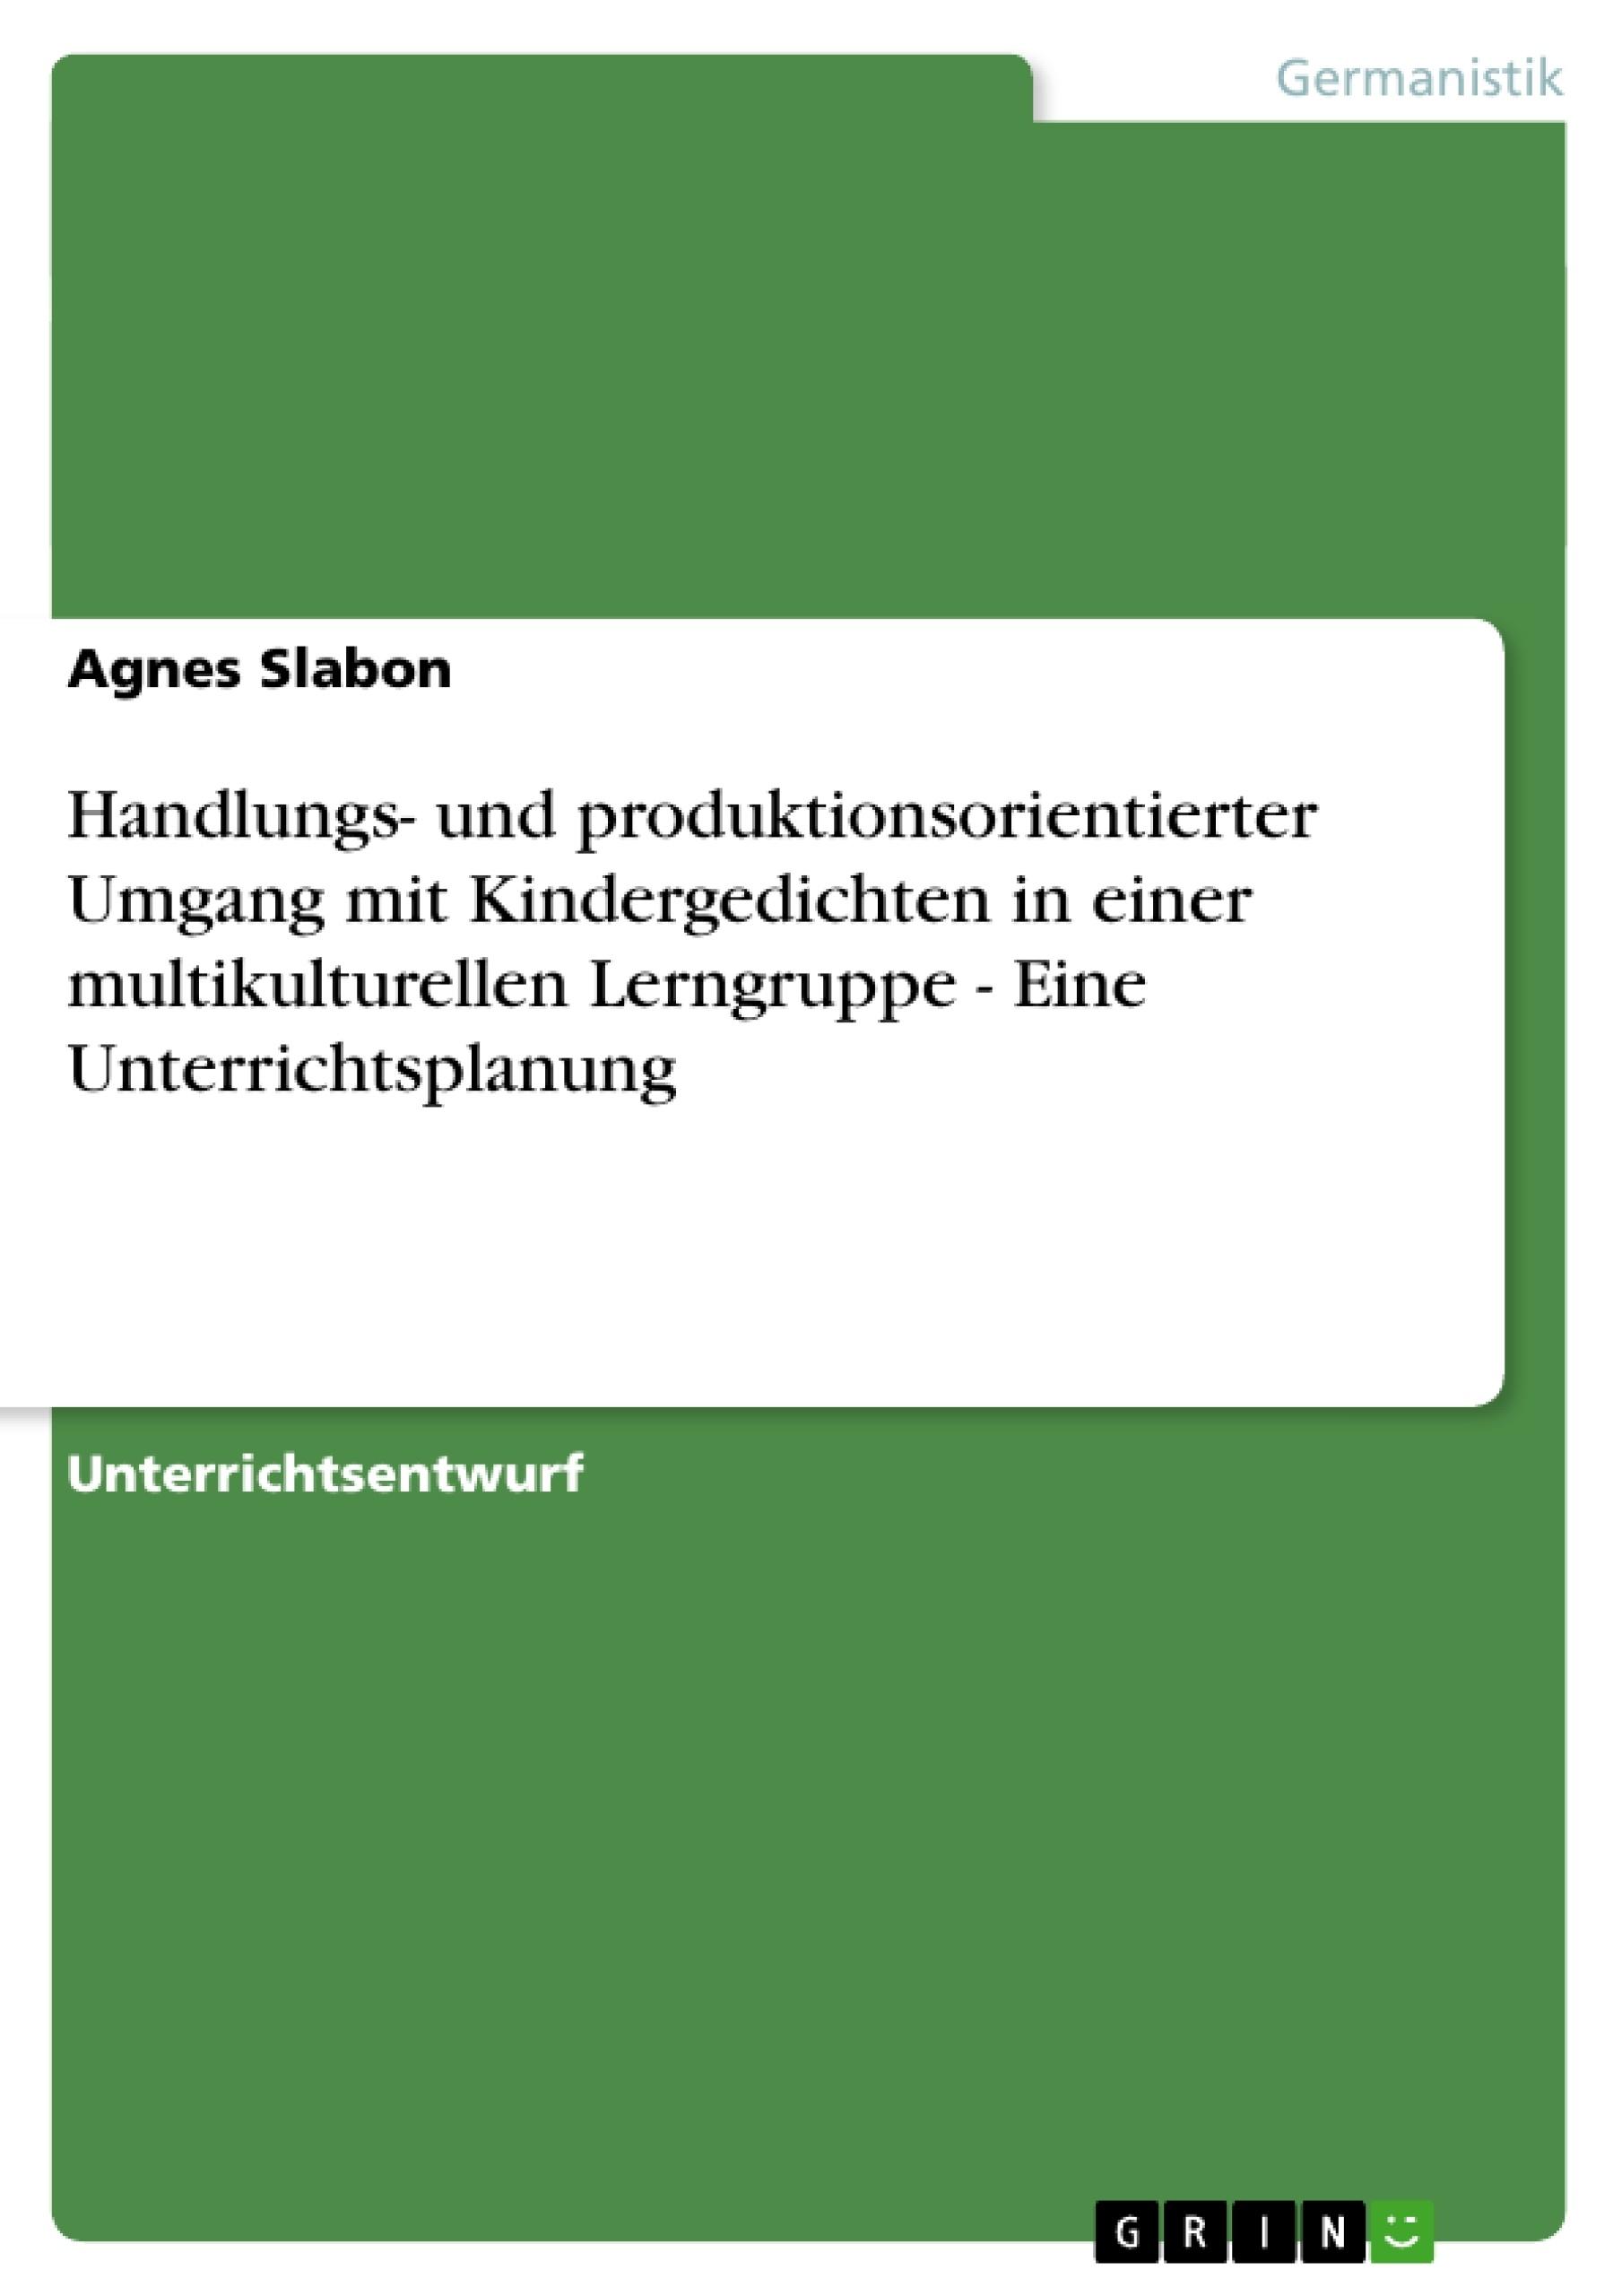 Titel: Handlungs- und produktionsorientierter Umgang mit Kindergedichten in einer multikulturellen Lerngruppe - Eine Unterrichtsplanung